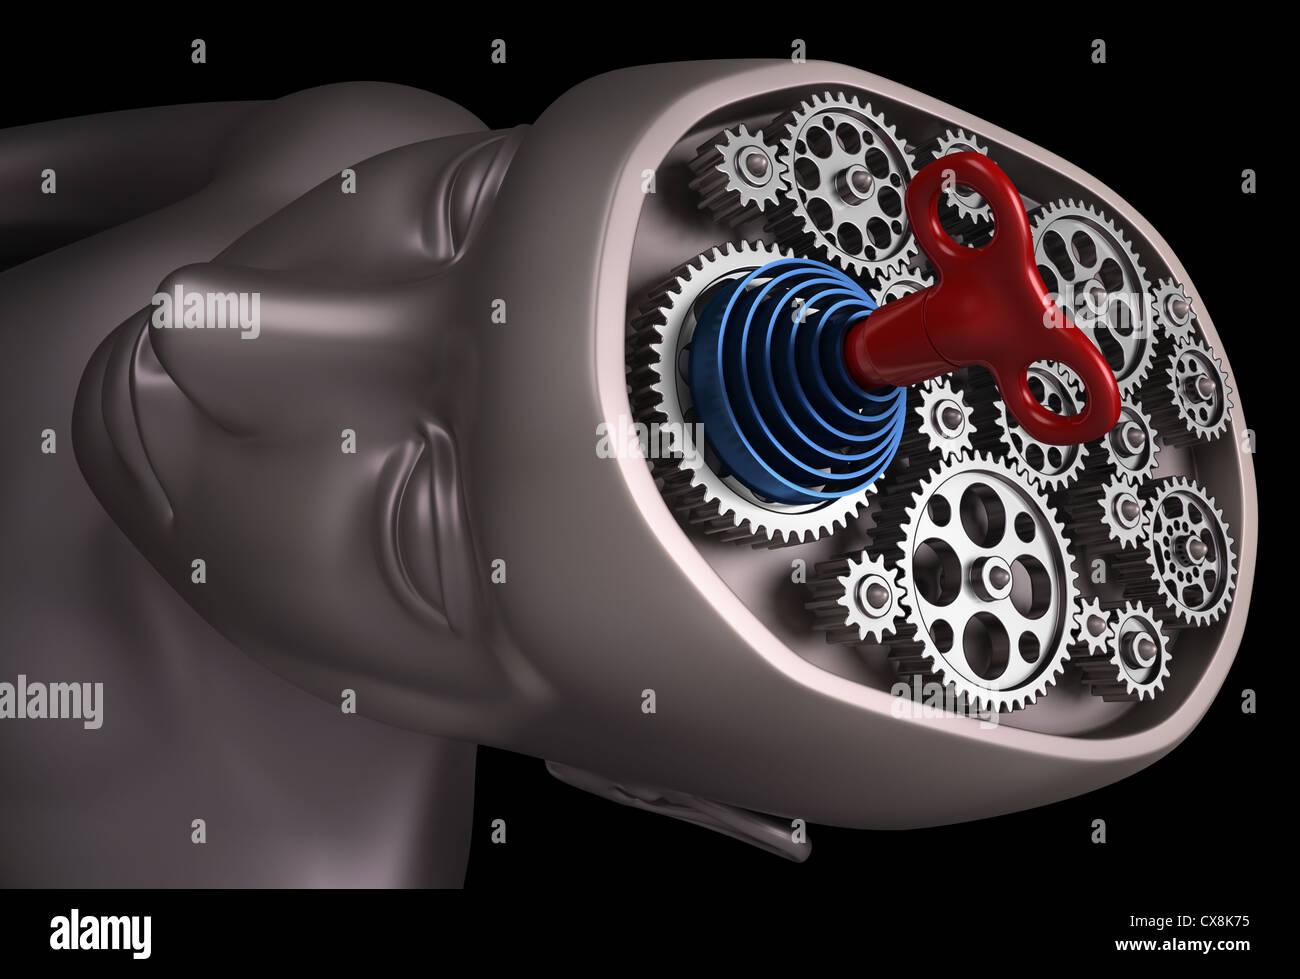 Das menschliche Gehirn ist eine Reihe von Zahnrädern. Wichtige Teile unseres Gehirns sind miteinander verbunden. Stockbild